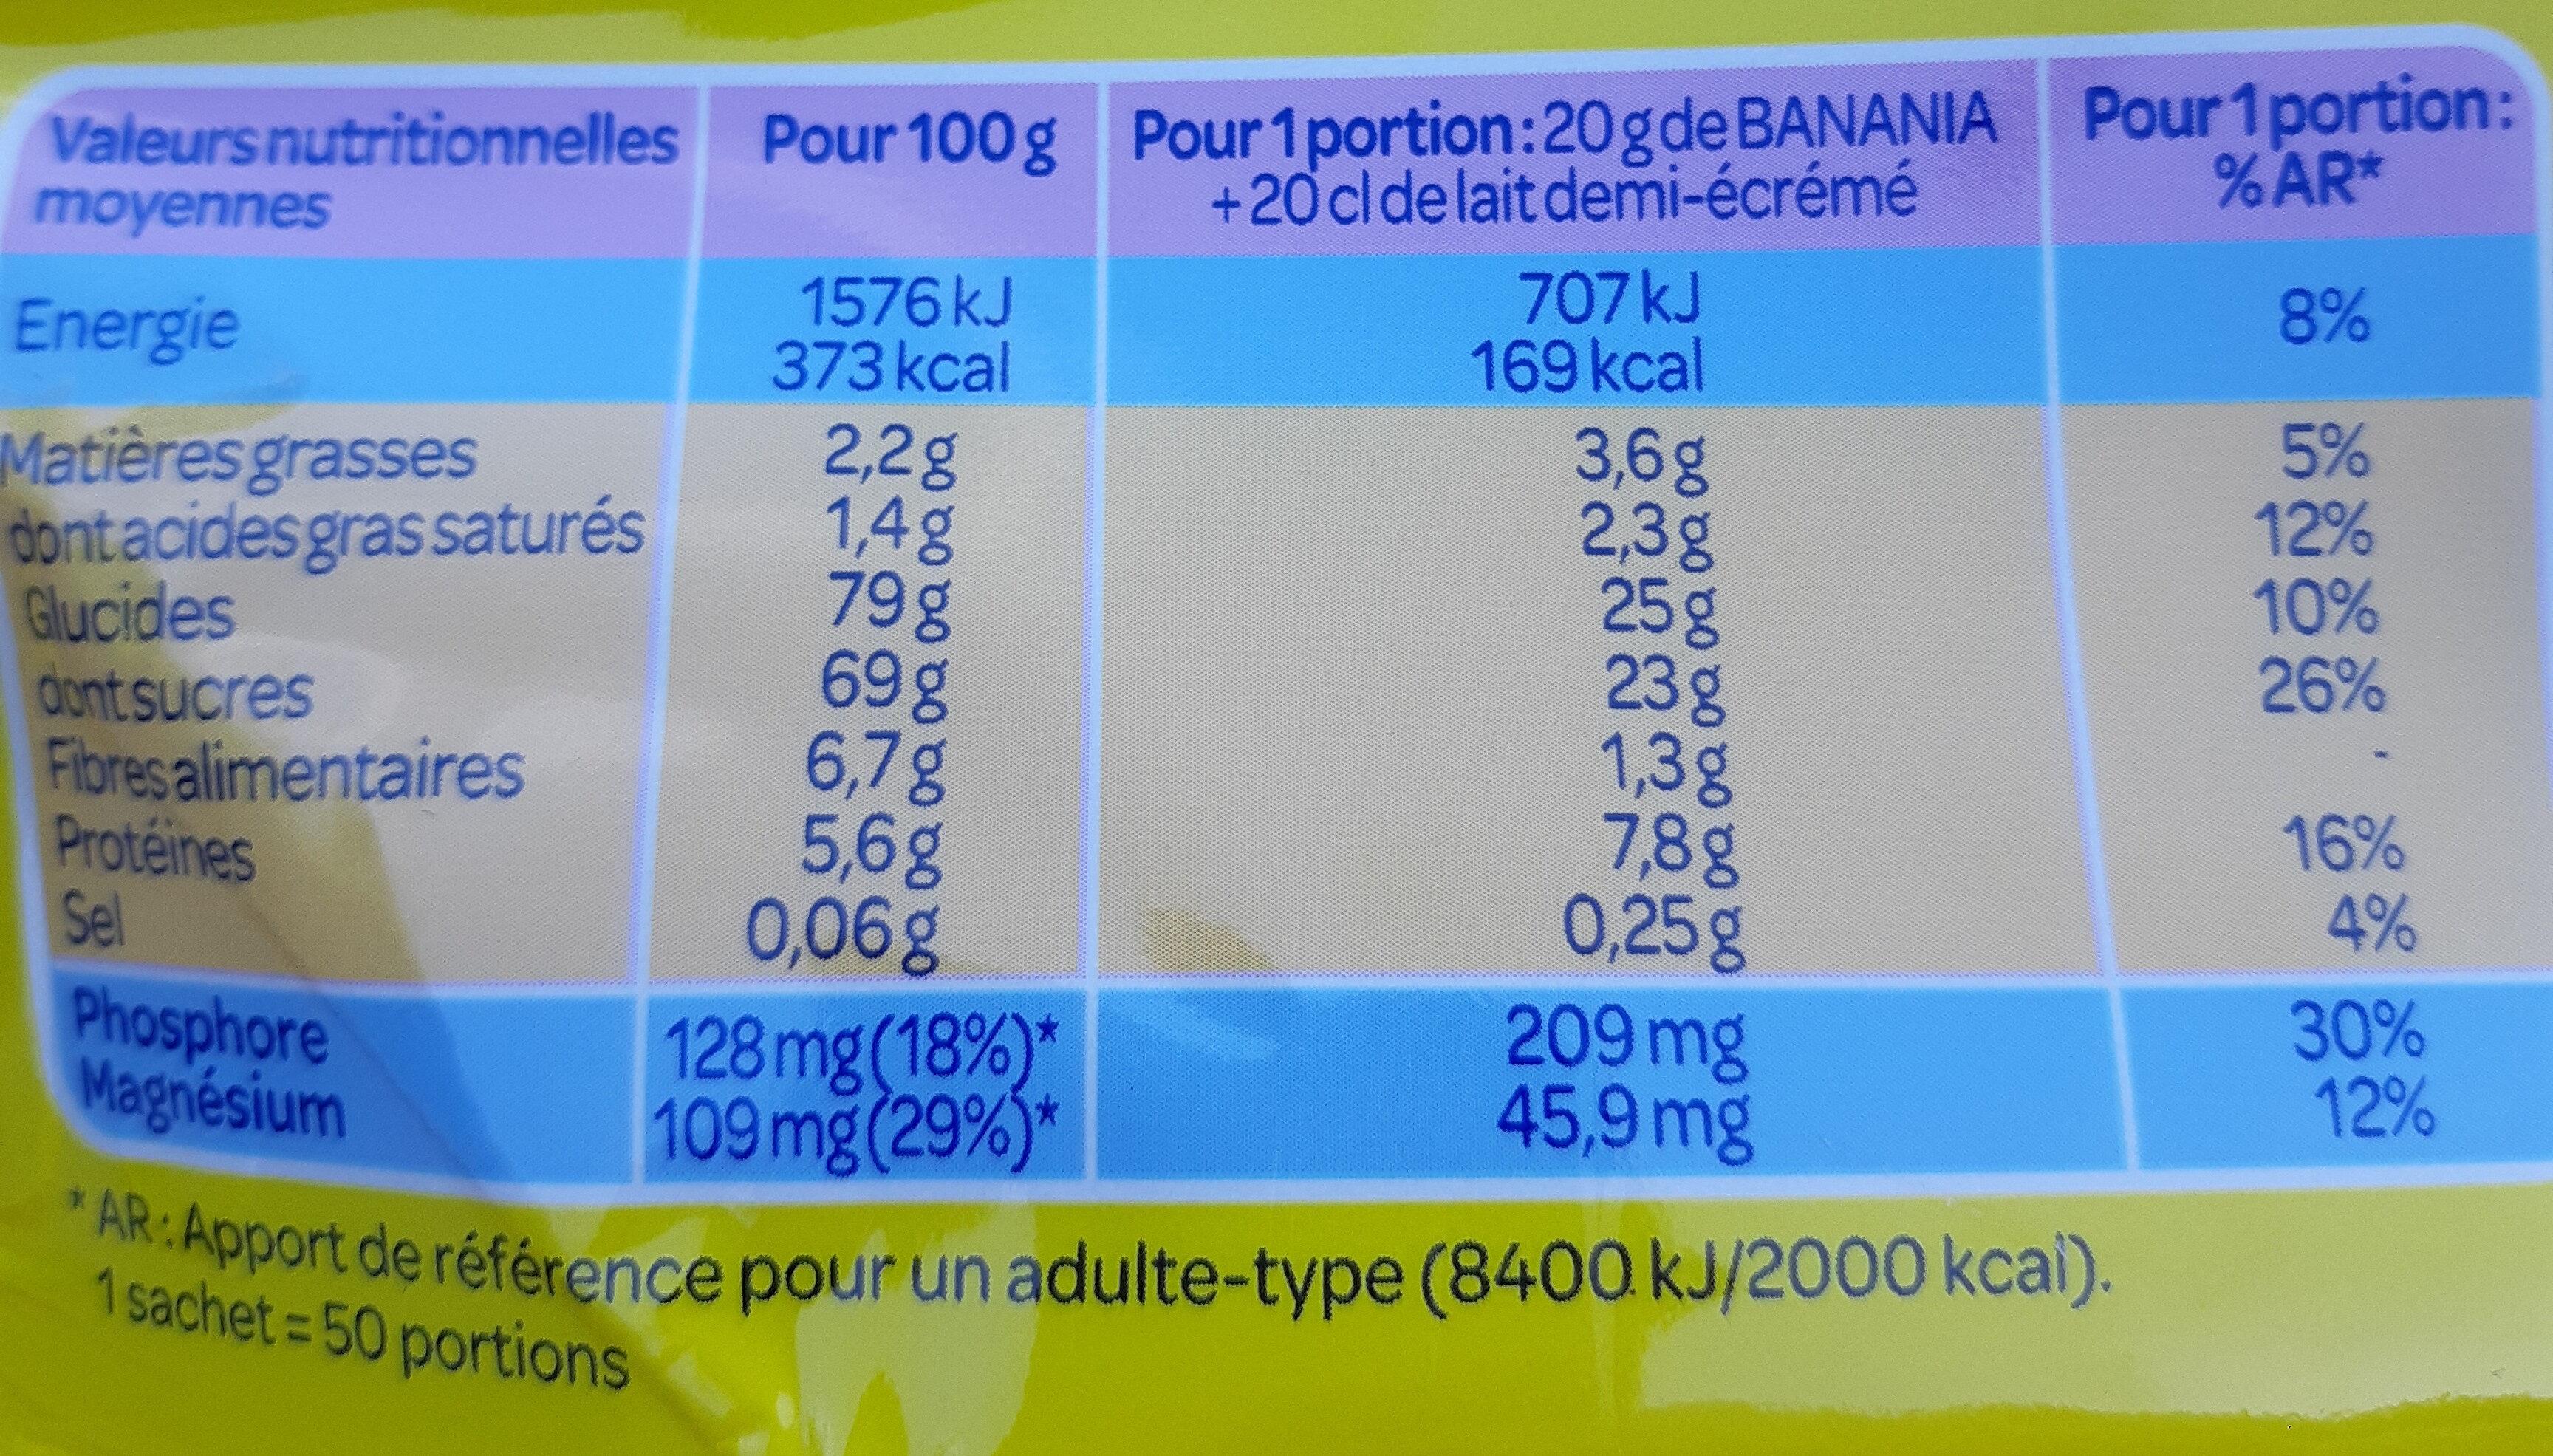 Banania chocolat en poudre - Wartości odżywcze - fr